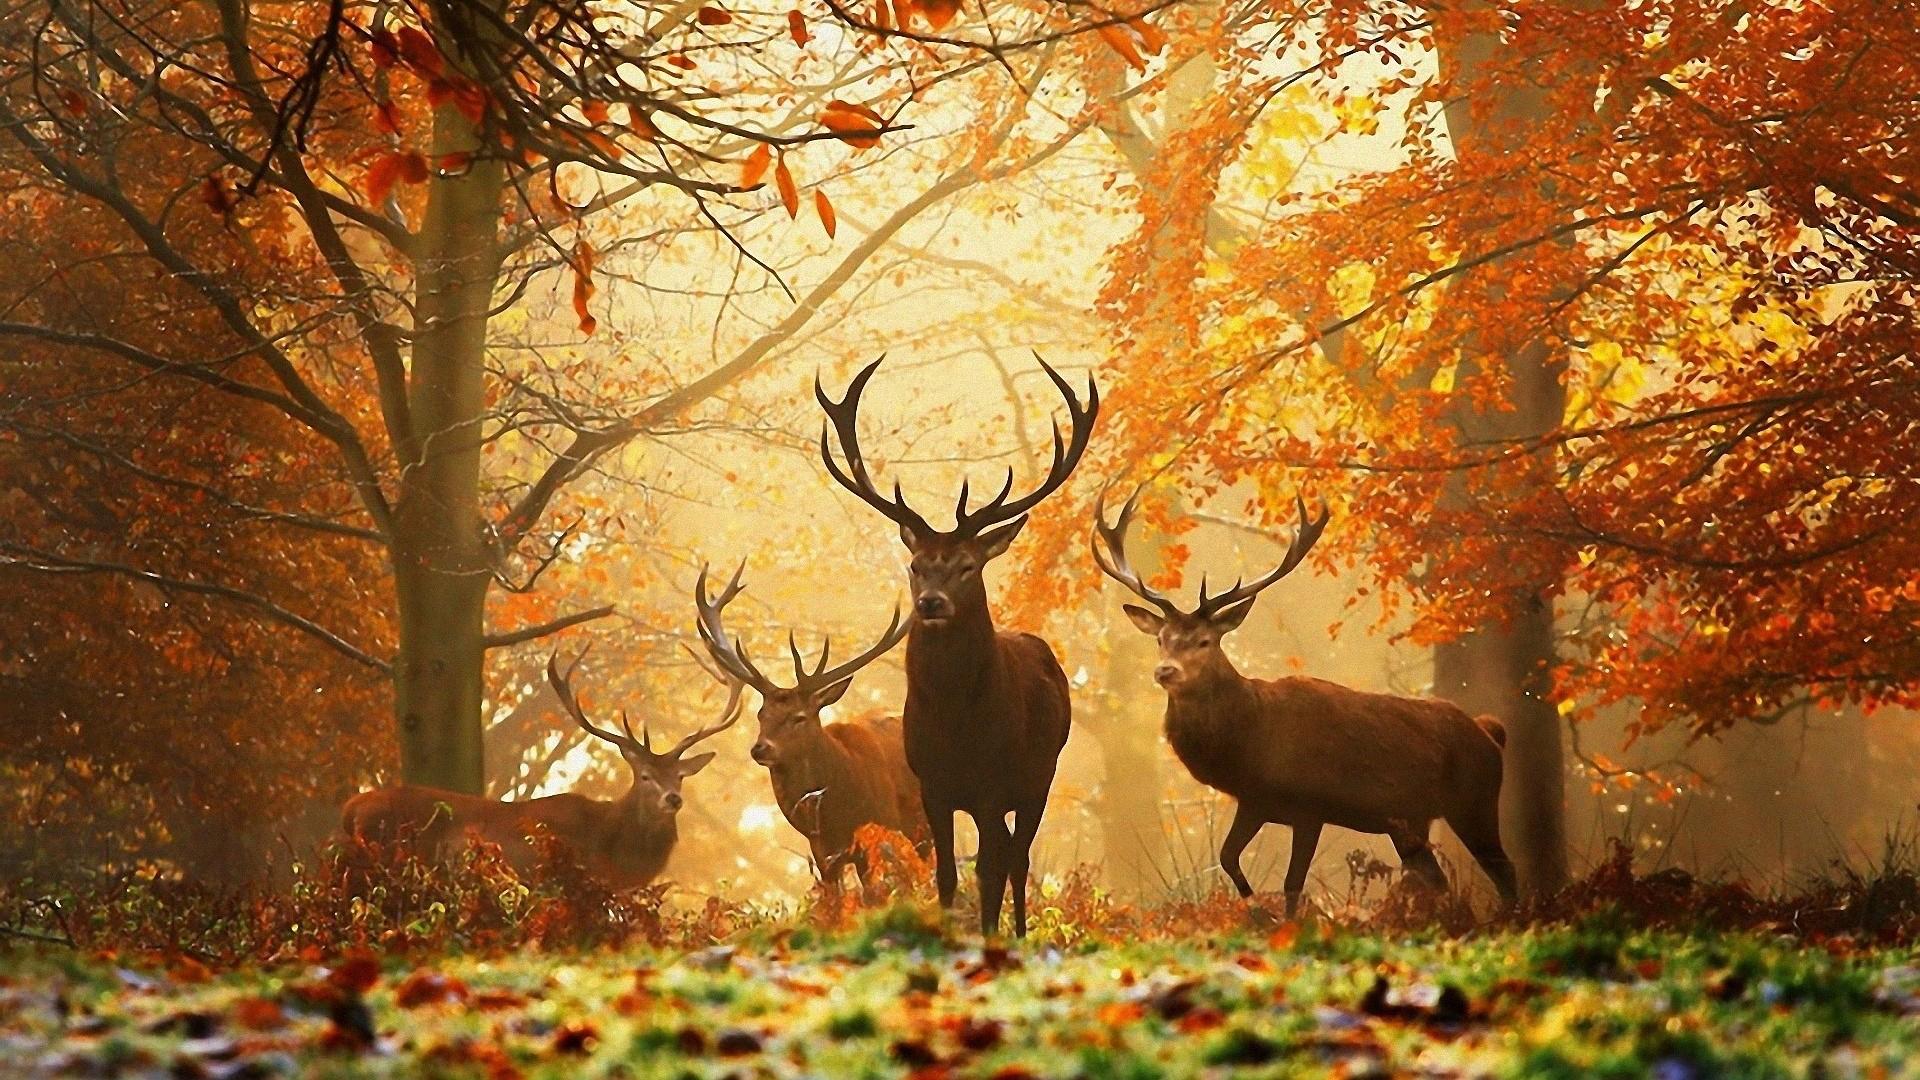 Autumn HD Wallpaper. Autumn HD Wallpaper 1920×1080